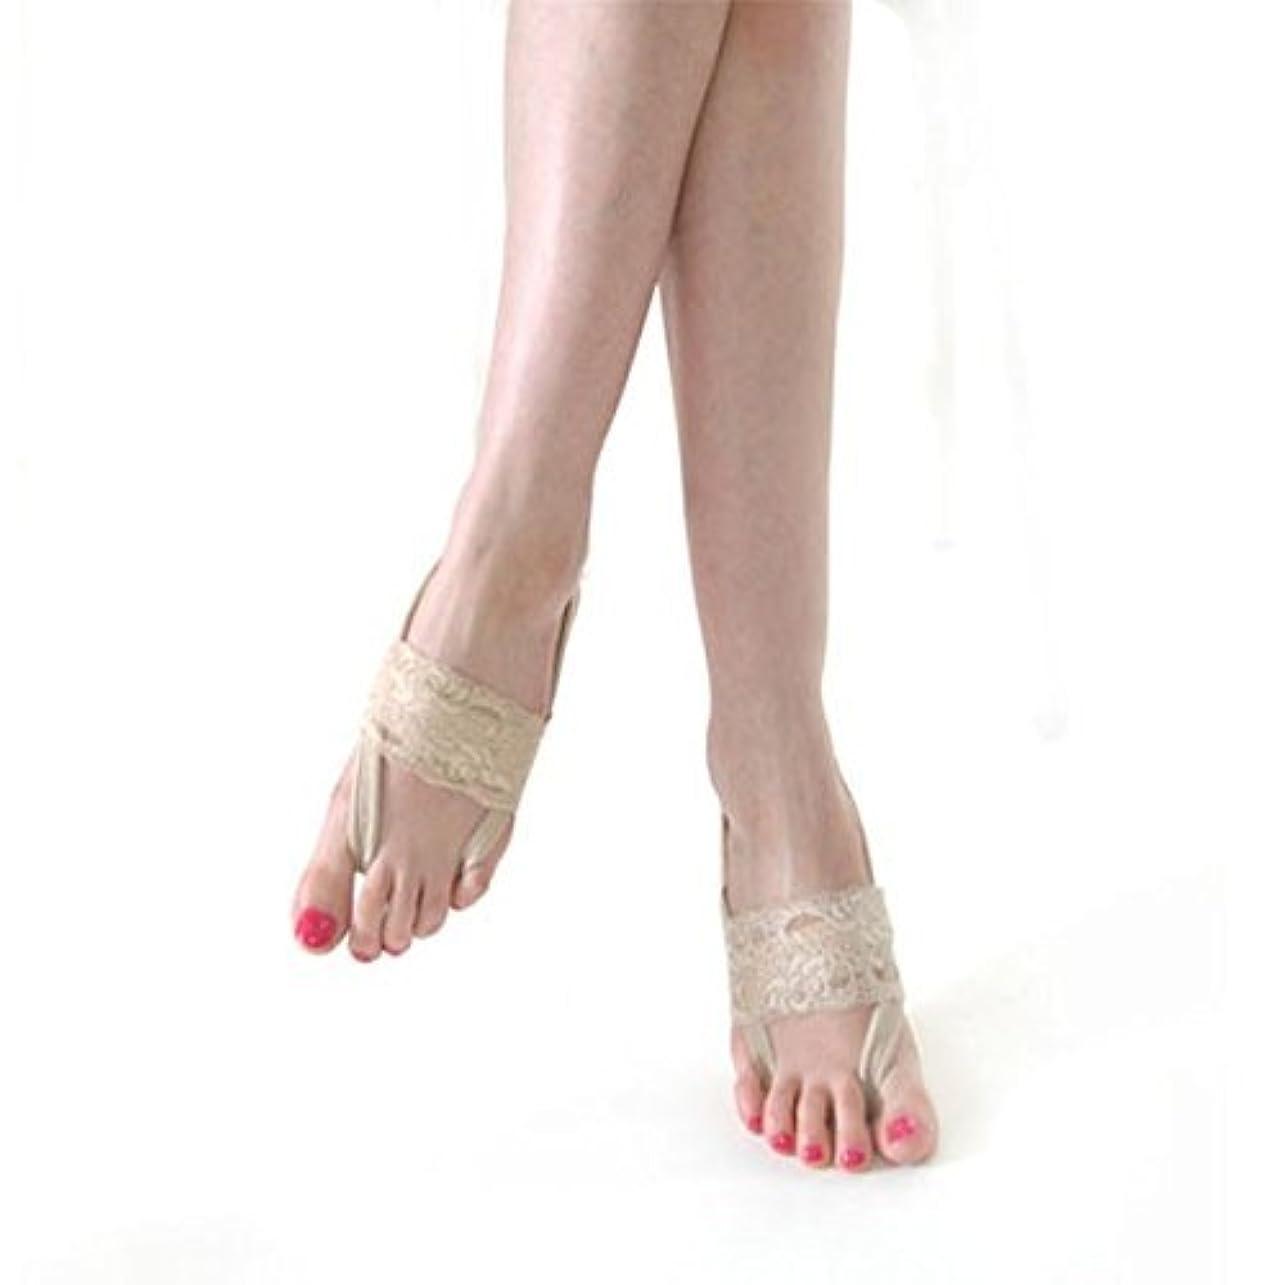 清める方程式病者足が疲れにくい アシピタ 【 ベージュ Sサイズ ソックス 】むくみ 冷え 美脚 美姿勢をサポート 21-23cm